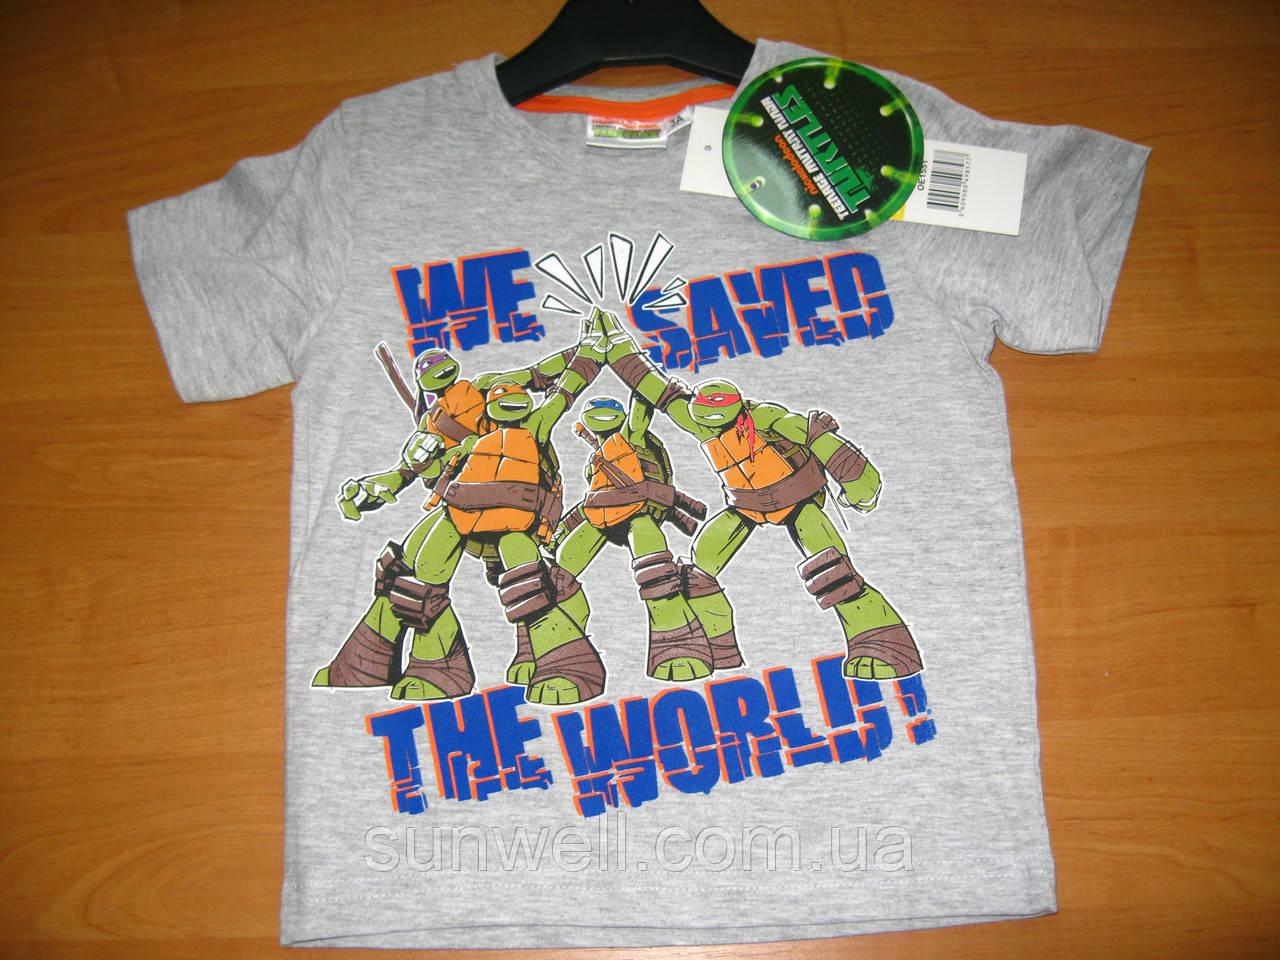 Детская футболка для мальчика Черепашки ниндзя 3 года, Ninja Turtles